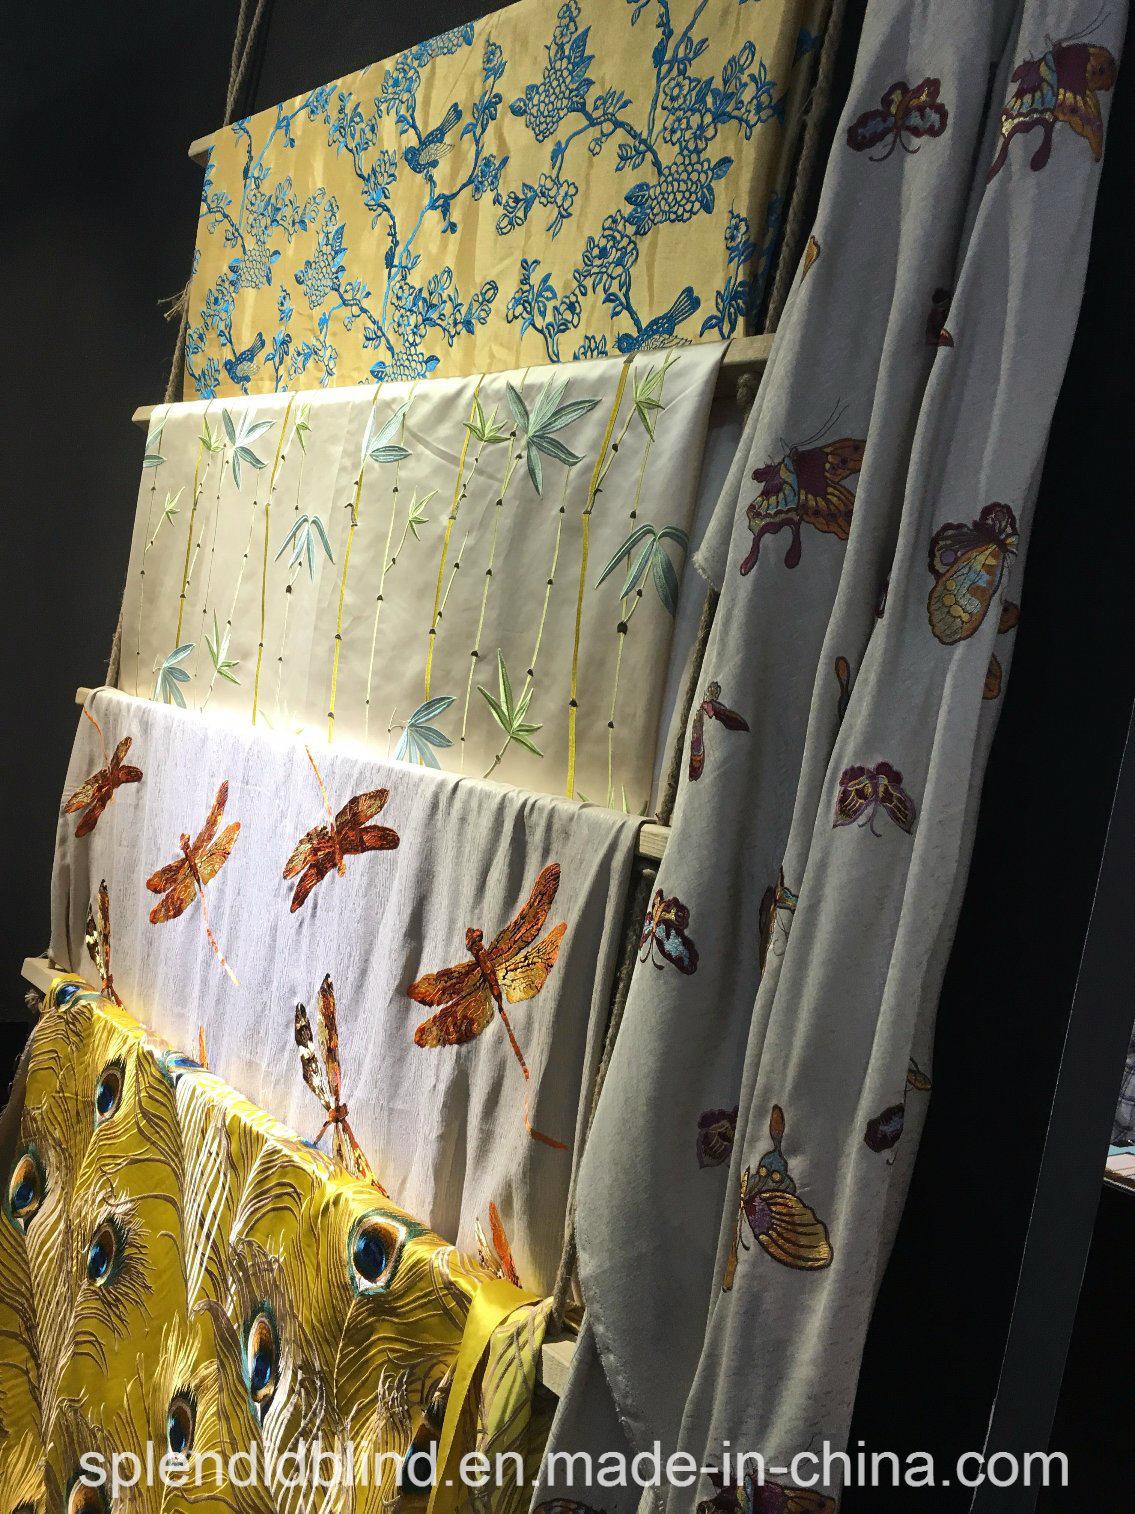 Unique Blinds Windows Curtain Blinds Fashion Blinds